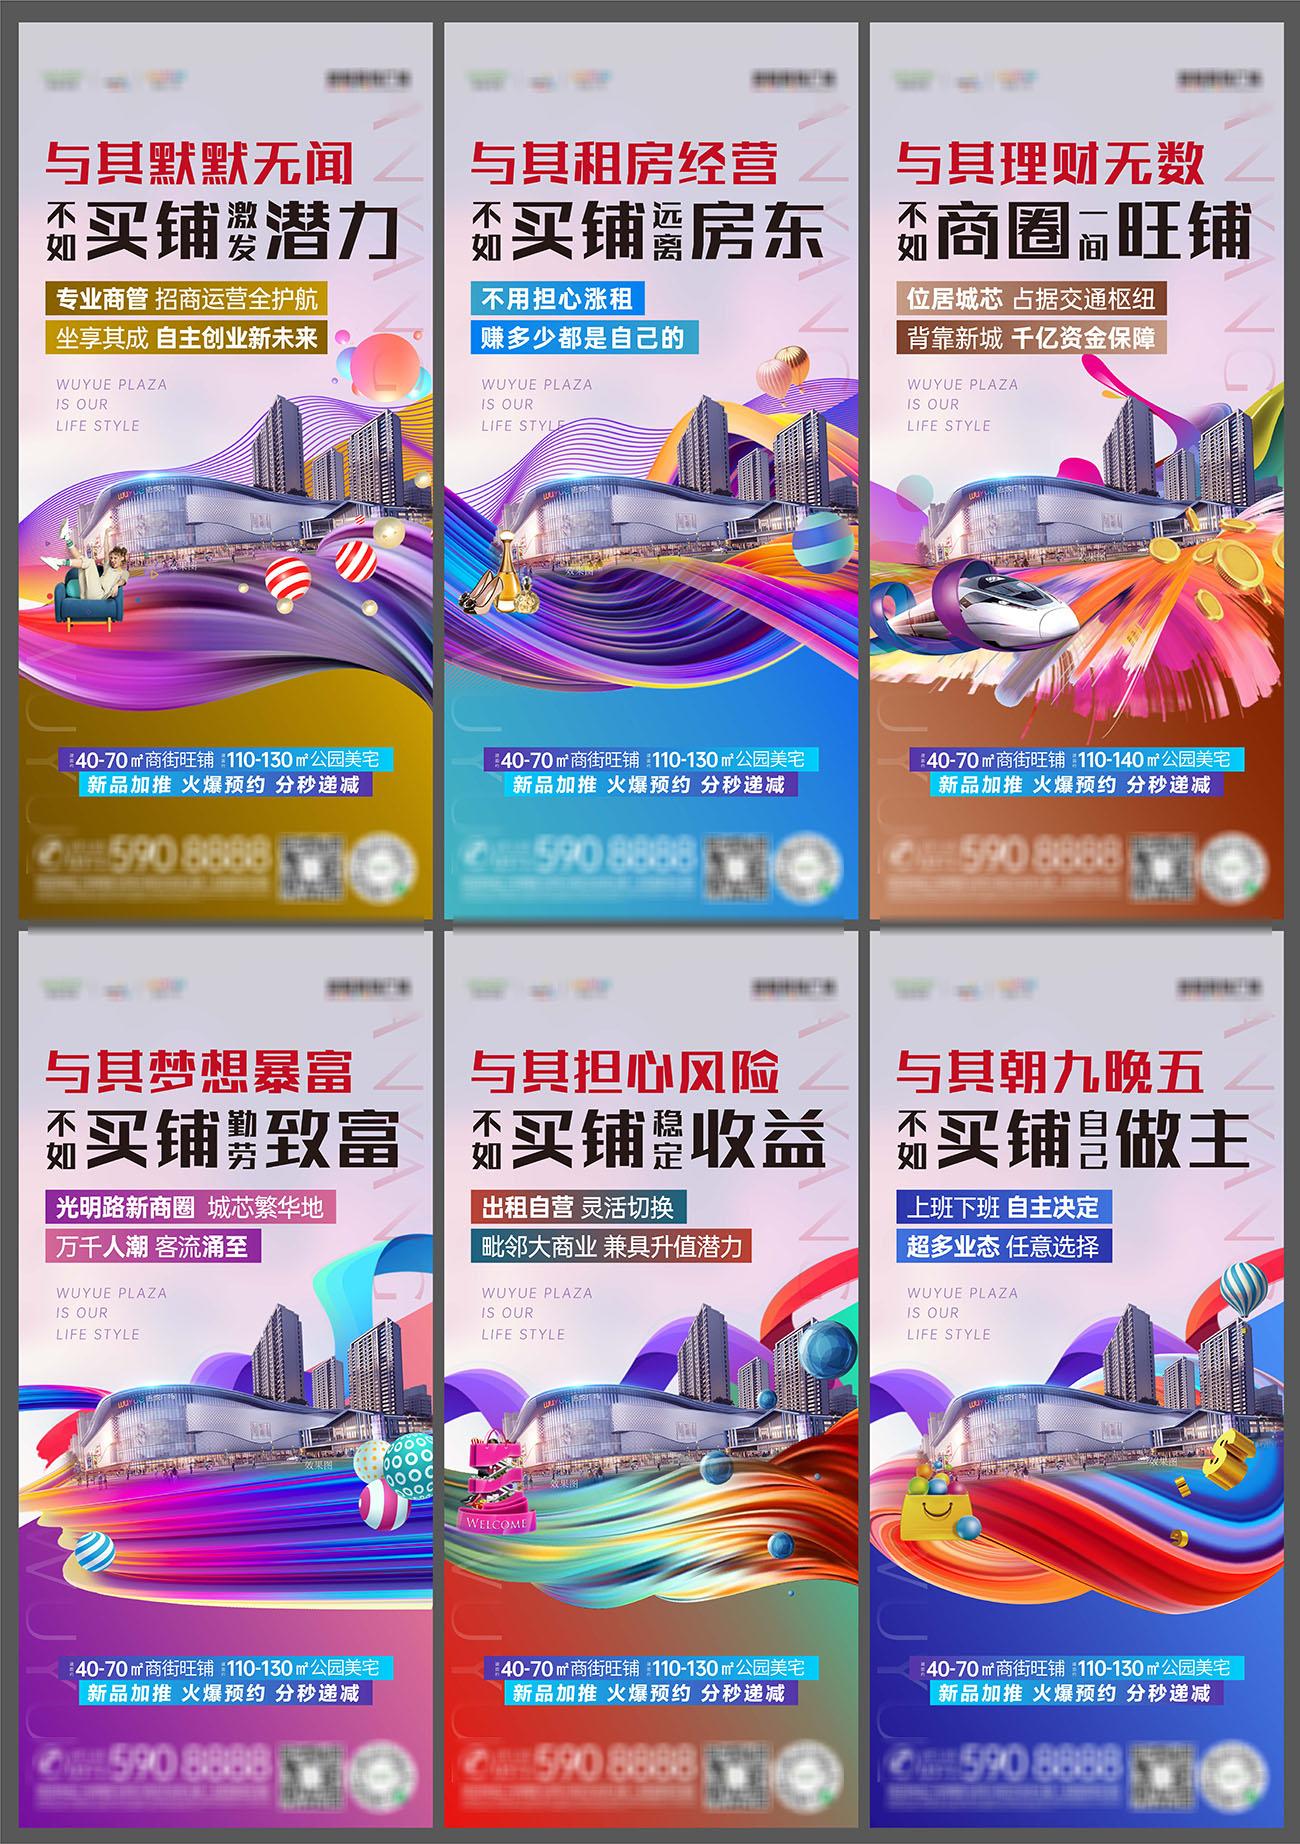 炫彩商业地产商铺价值点微信海报AI+PSD源文件插图